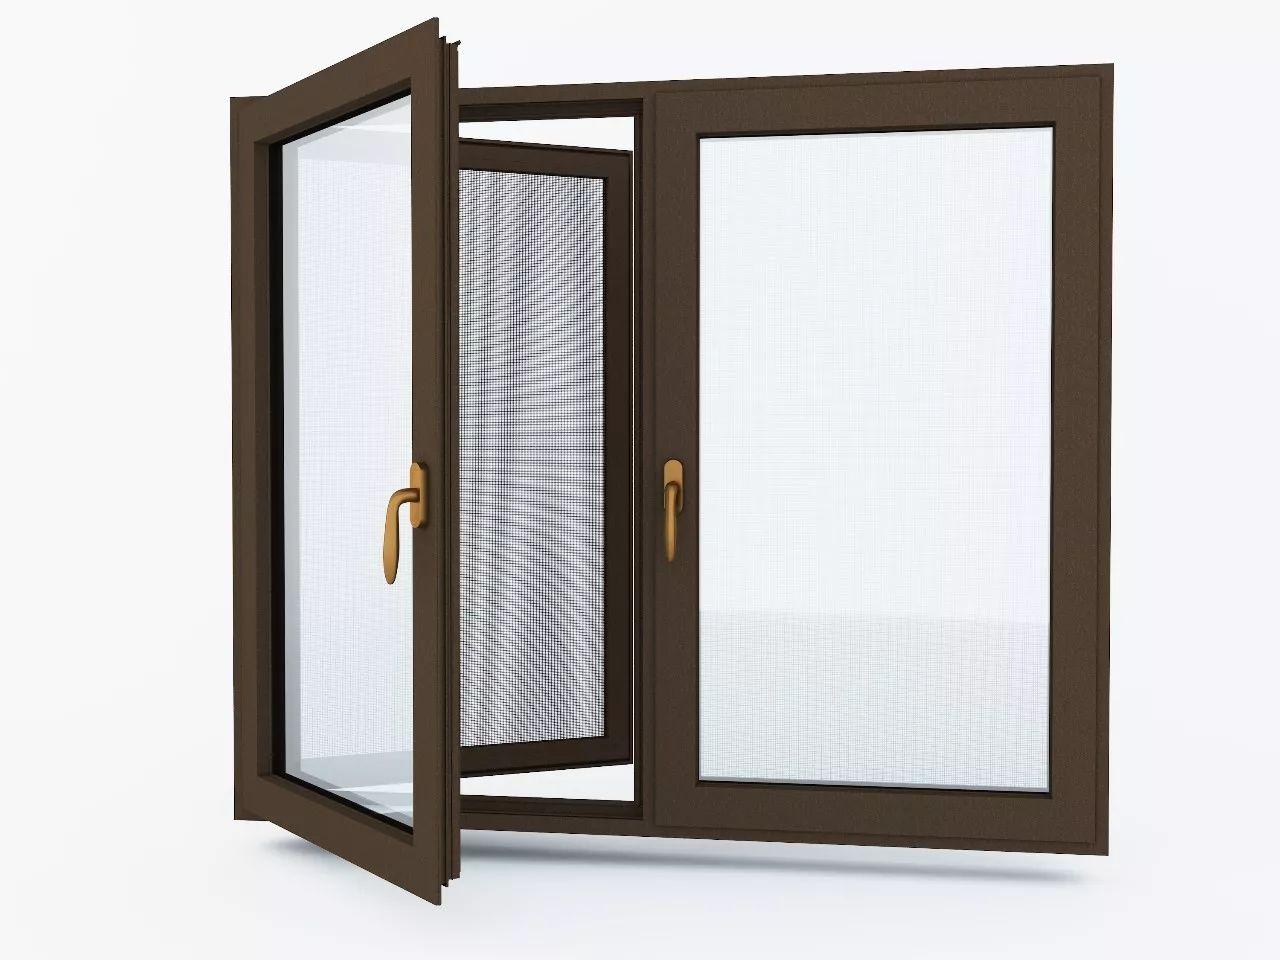 门窗种类繁多,唯有系统门窗知你心